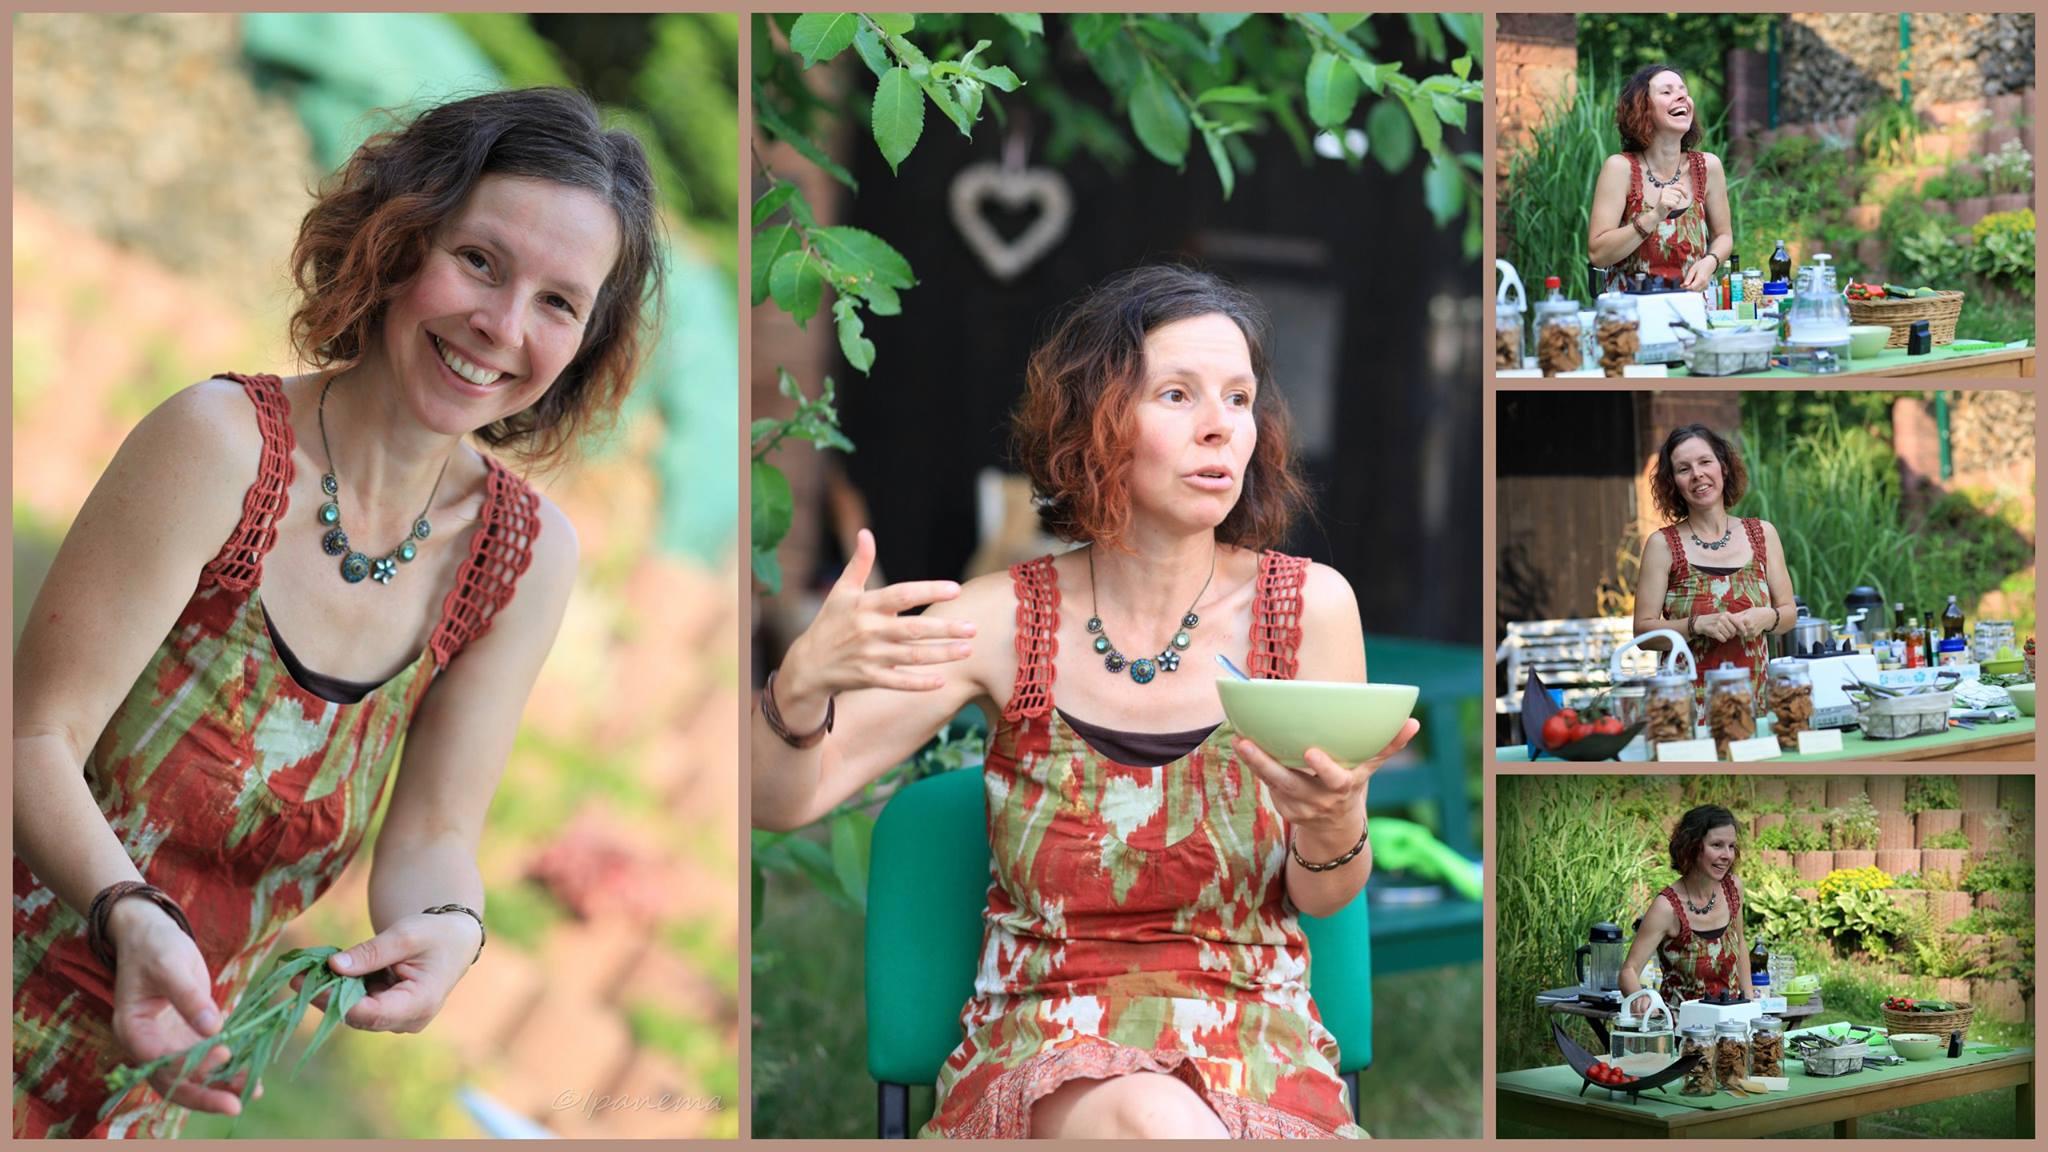 GESUND - VITAL - SCHLANK - Foto von Ipanema - entstanden beim Workshop Gourmet-Abend von Katja Friedrich froh-leben Gourmet-Abend